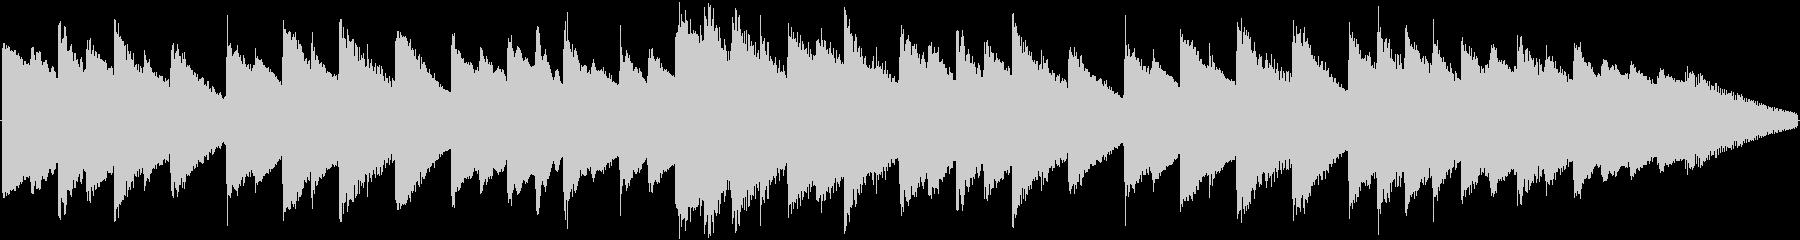 着信音などに使えるオルゴールBGMの未再生の波形